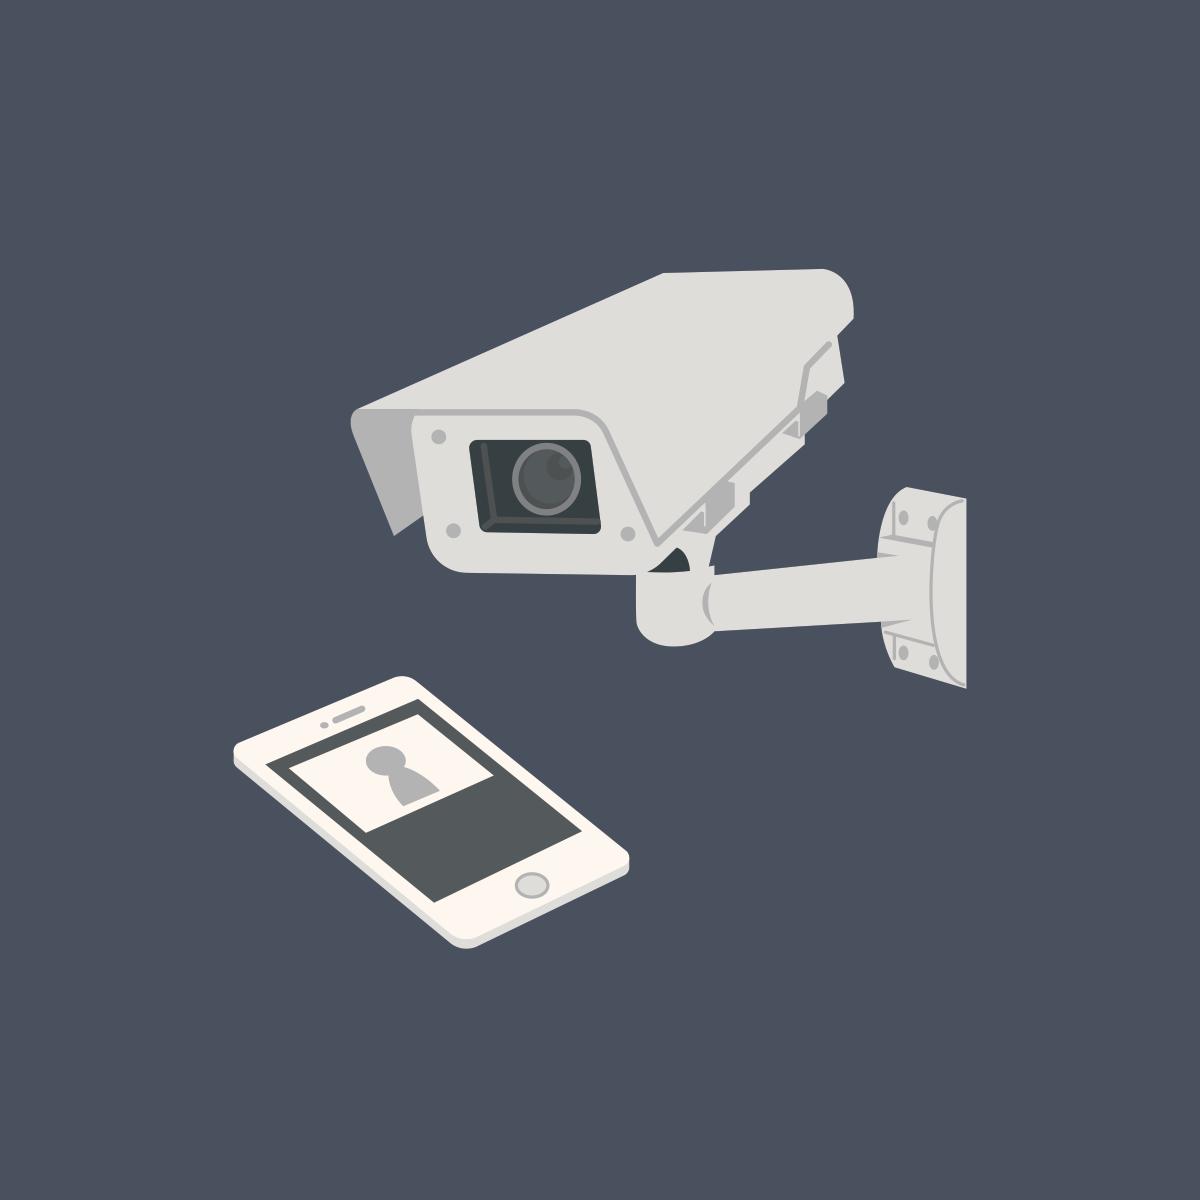 72 surveillance